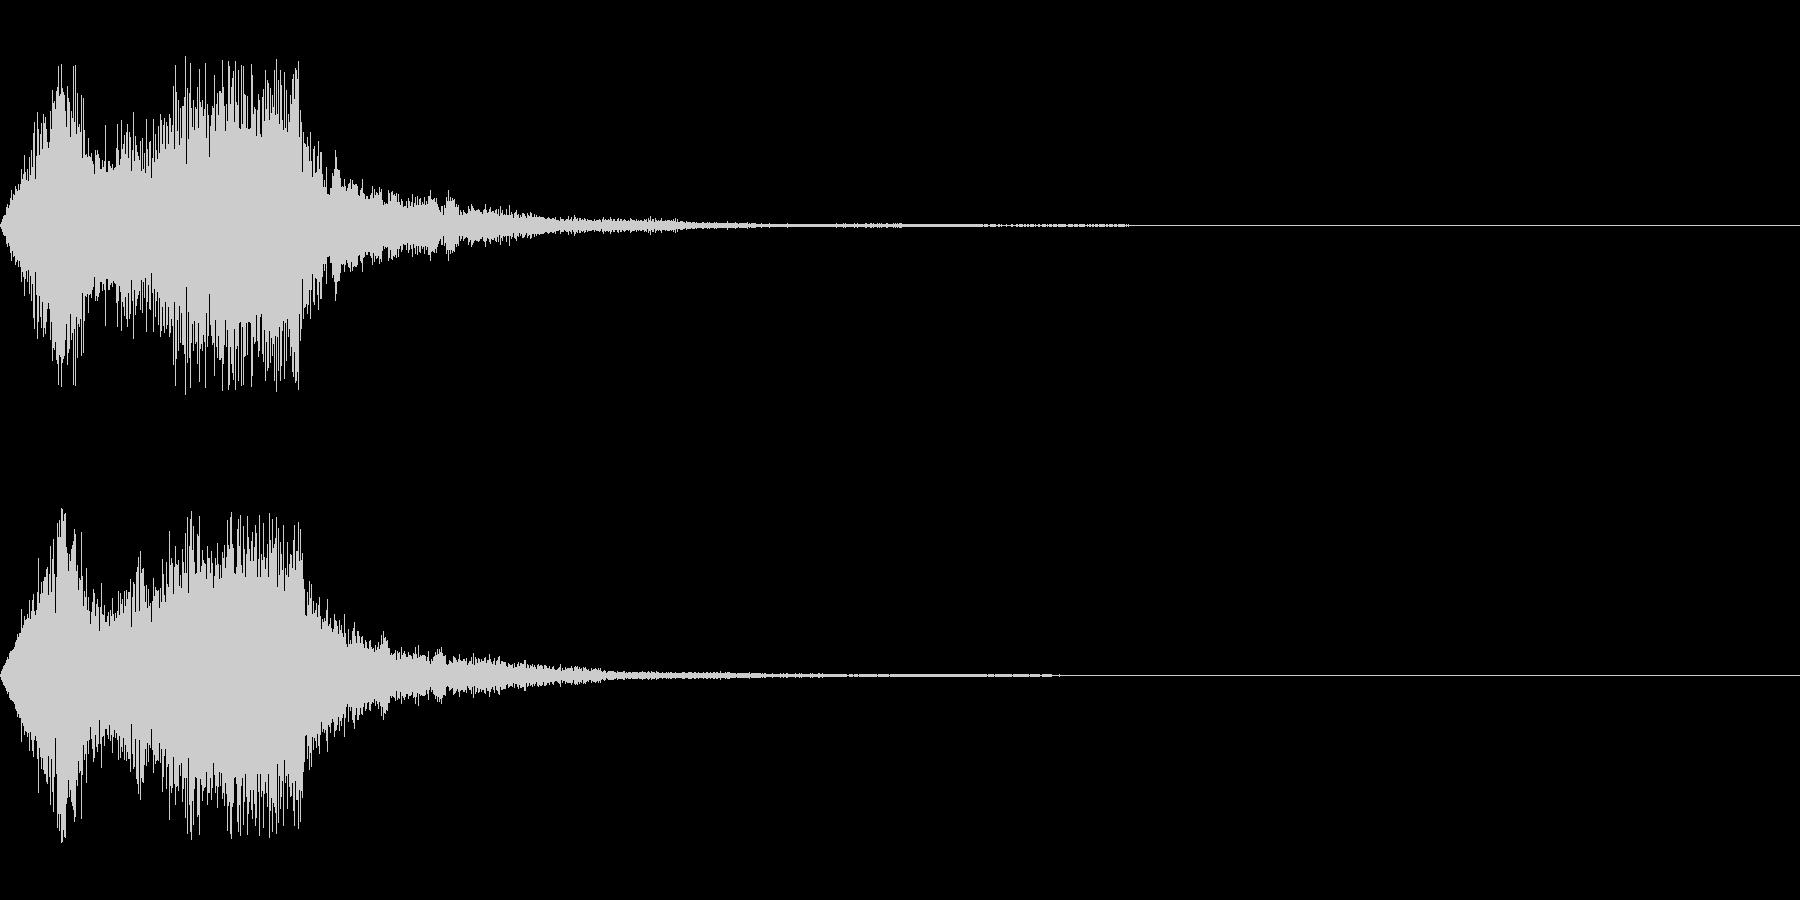 空間系の魔法音_その2の未再生の波形